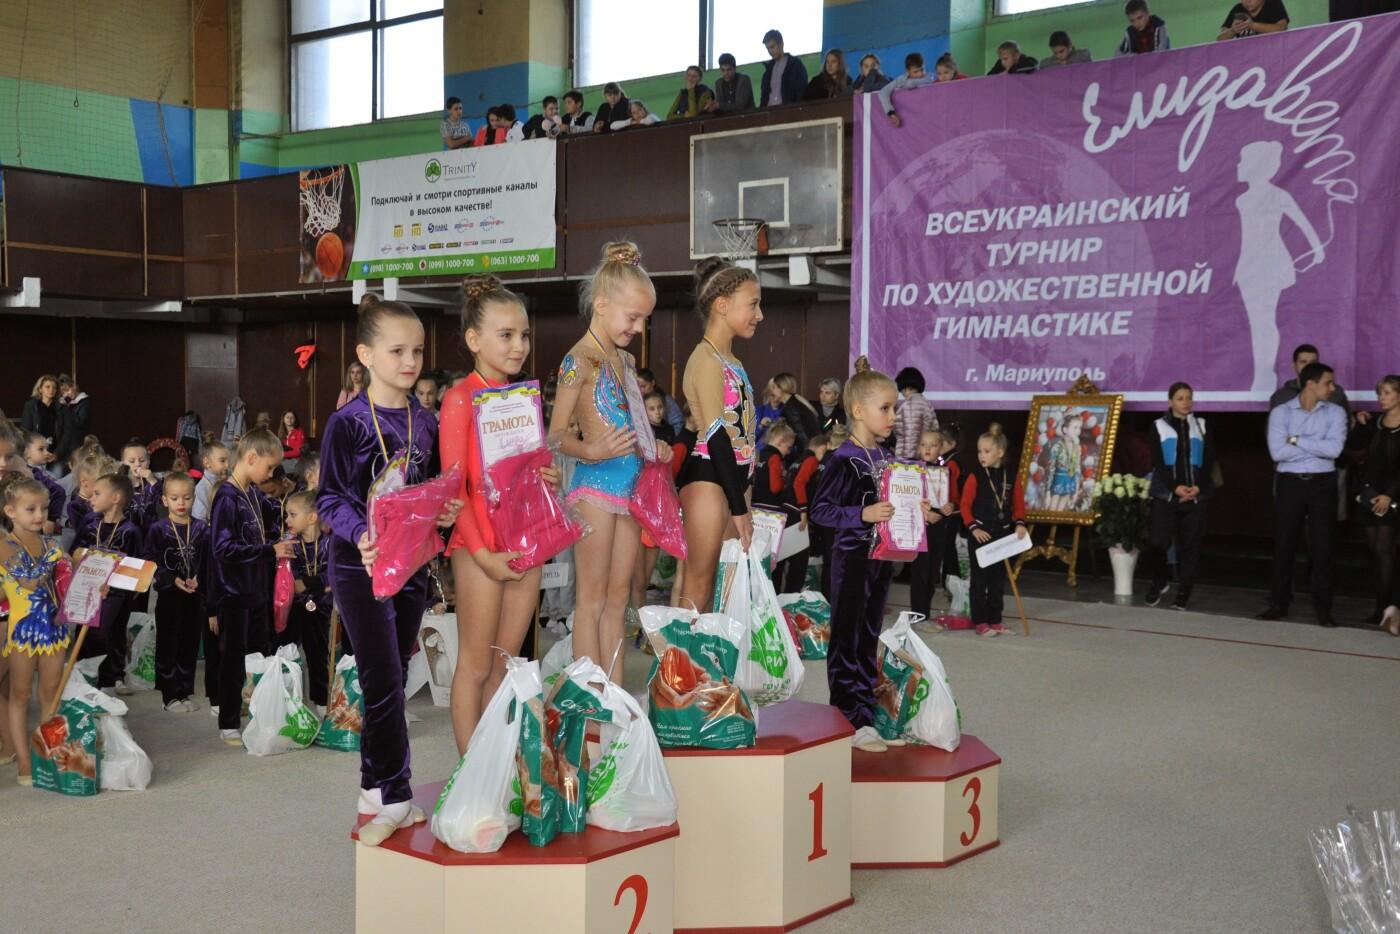 Мариупольцев приглашают на 9-й турнир по художественной гимнастике «Елизавета», фото-10